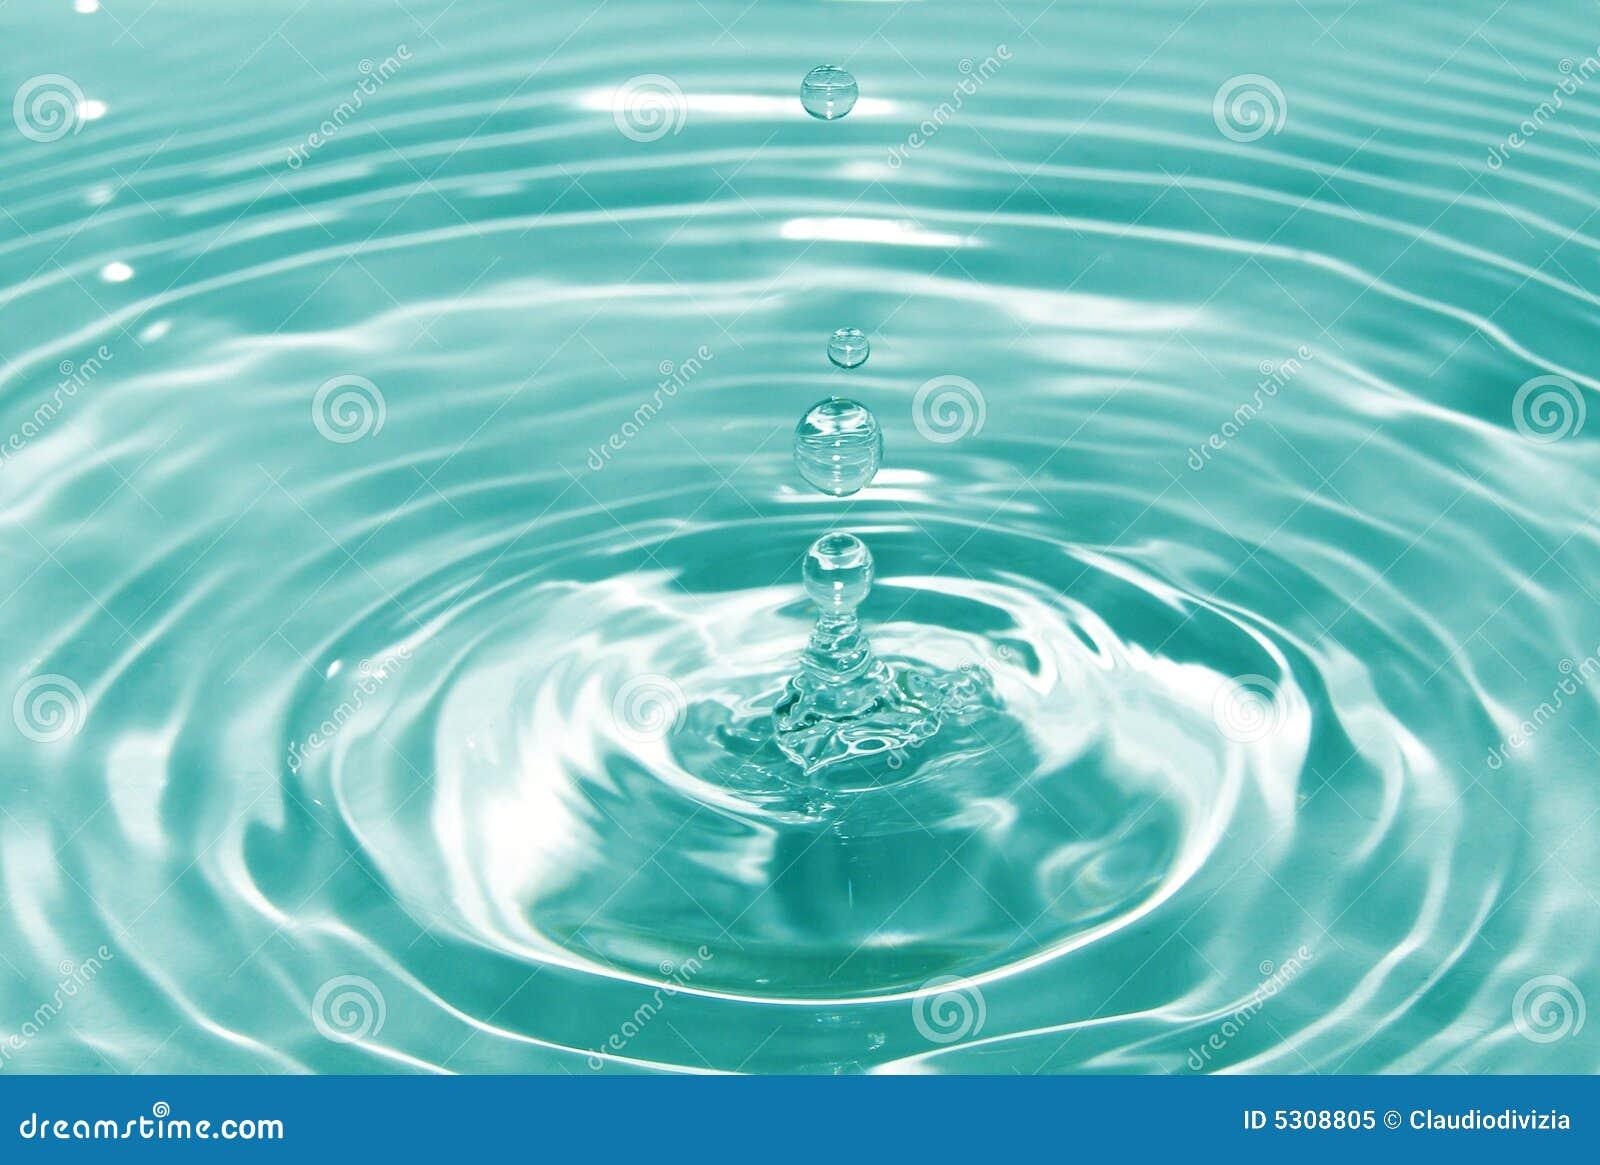 Download Goccia di acqua immagine stock. Immagine di acqua, mare - 5308805